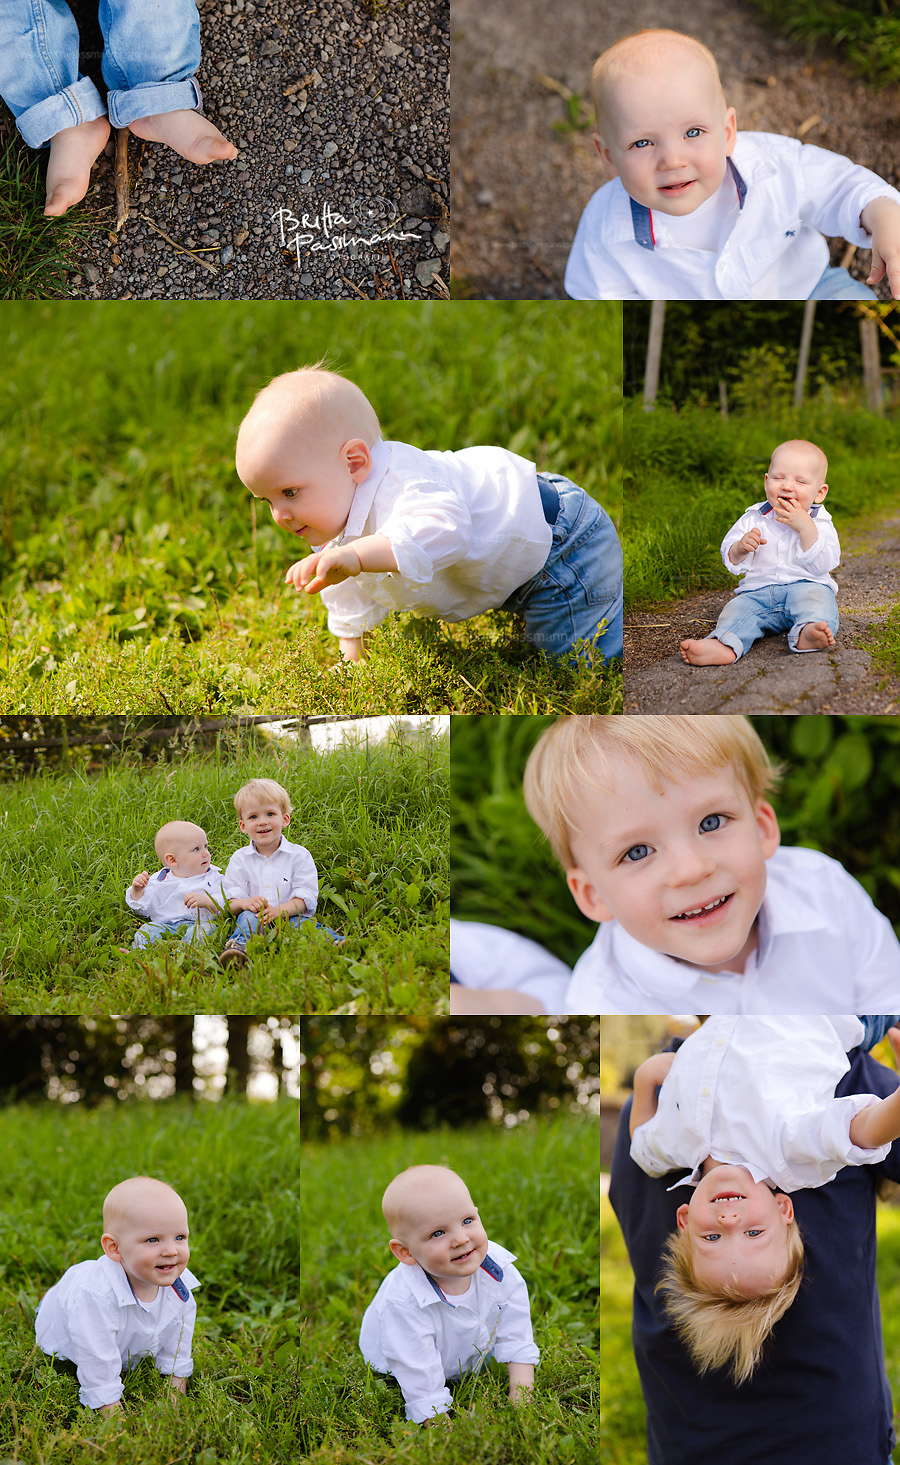 Kinderfotos im Grünen natürliche Kinderfotos Dortmund